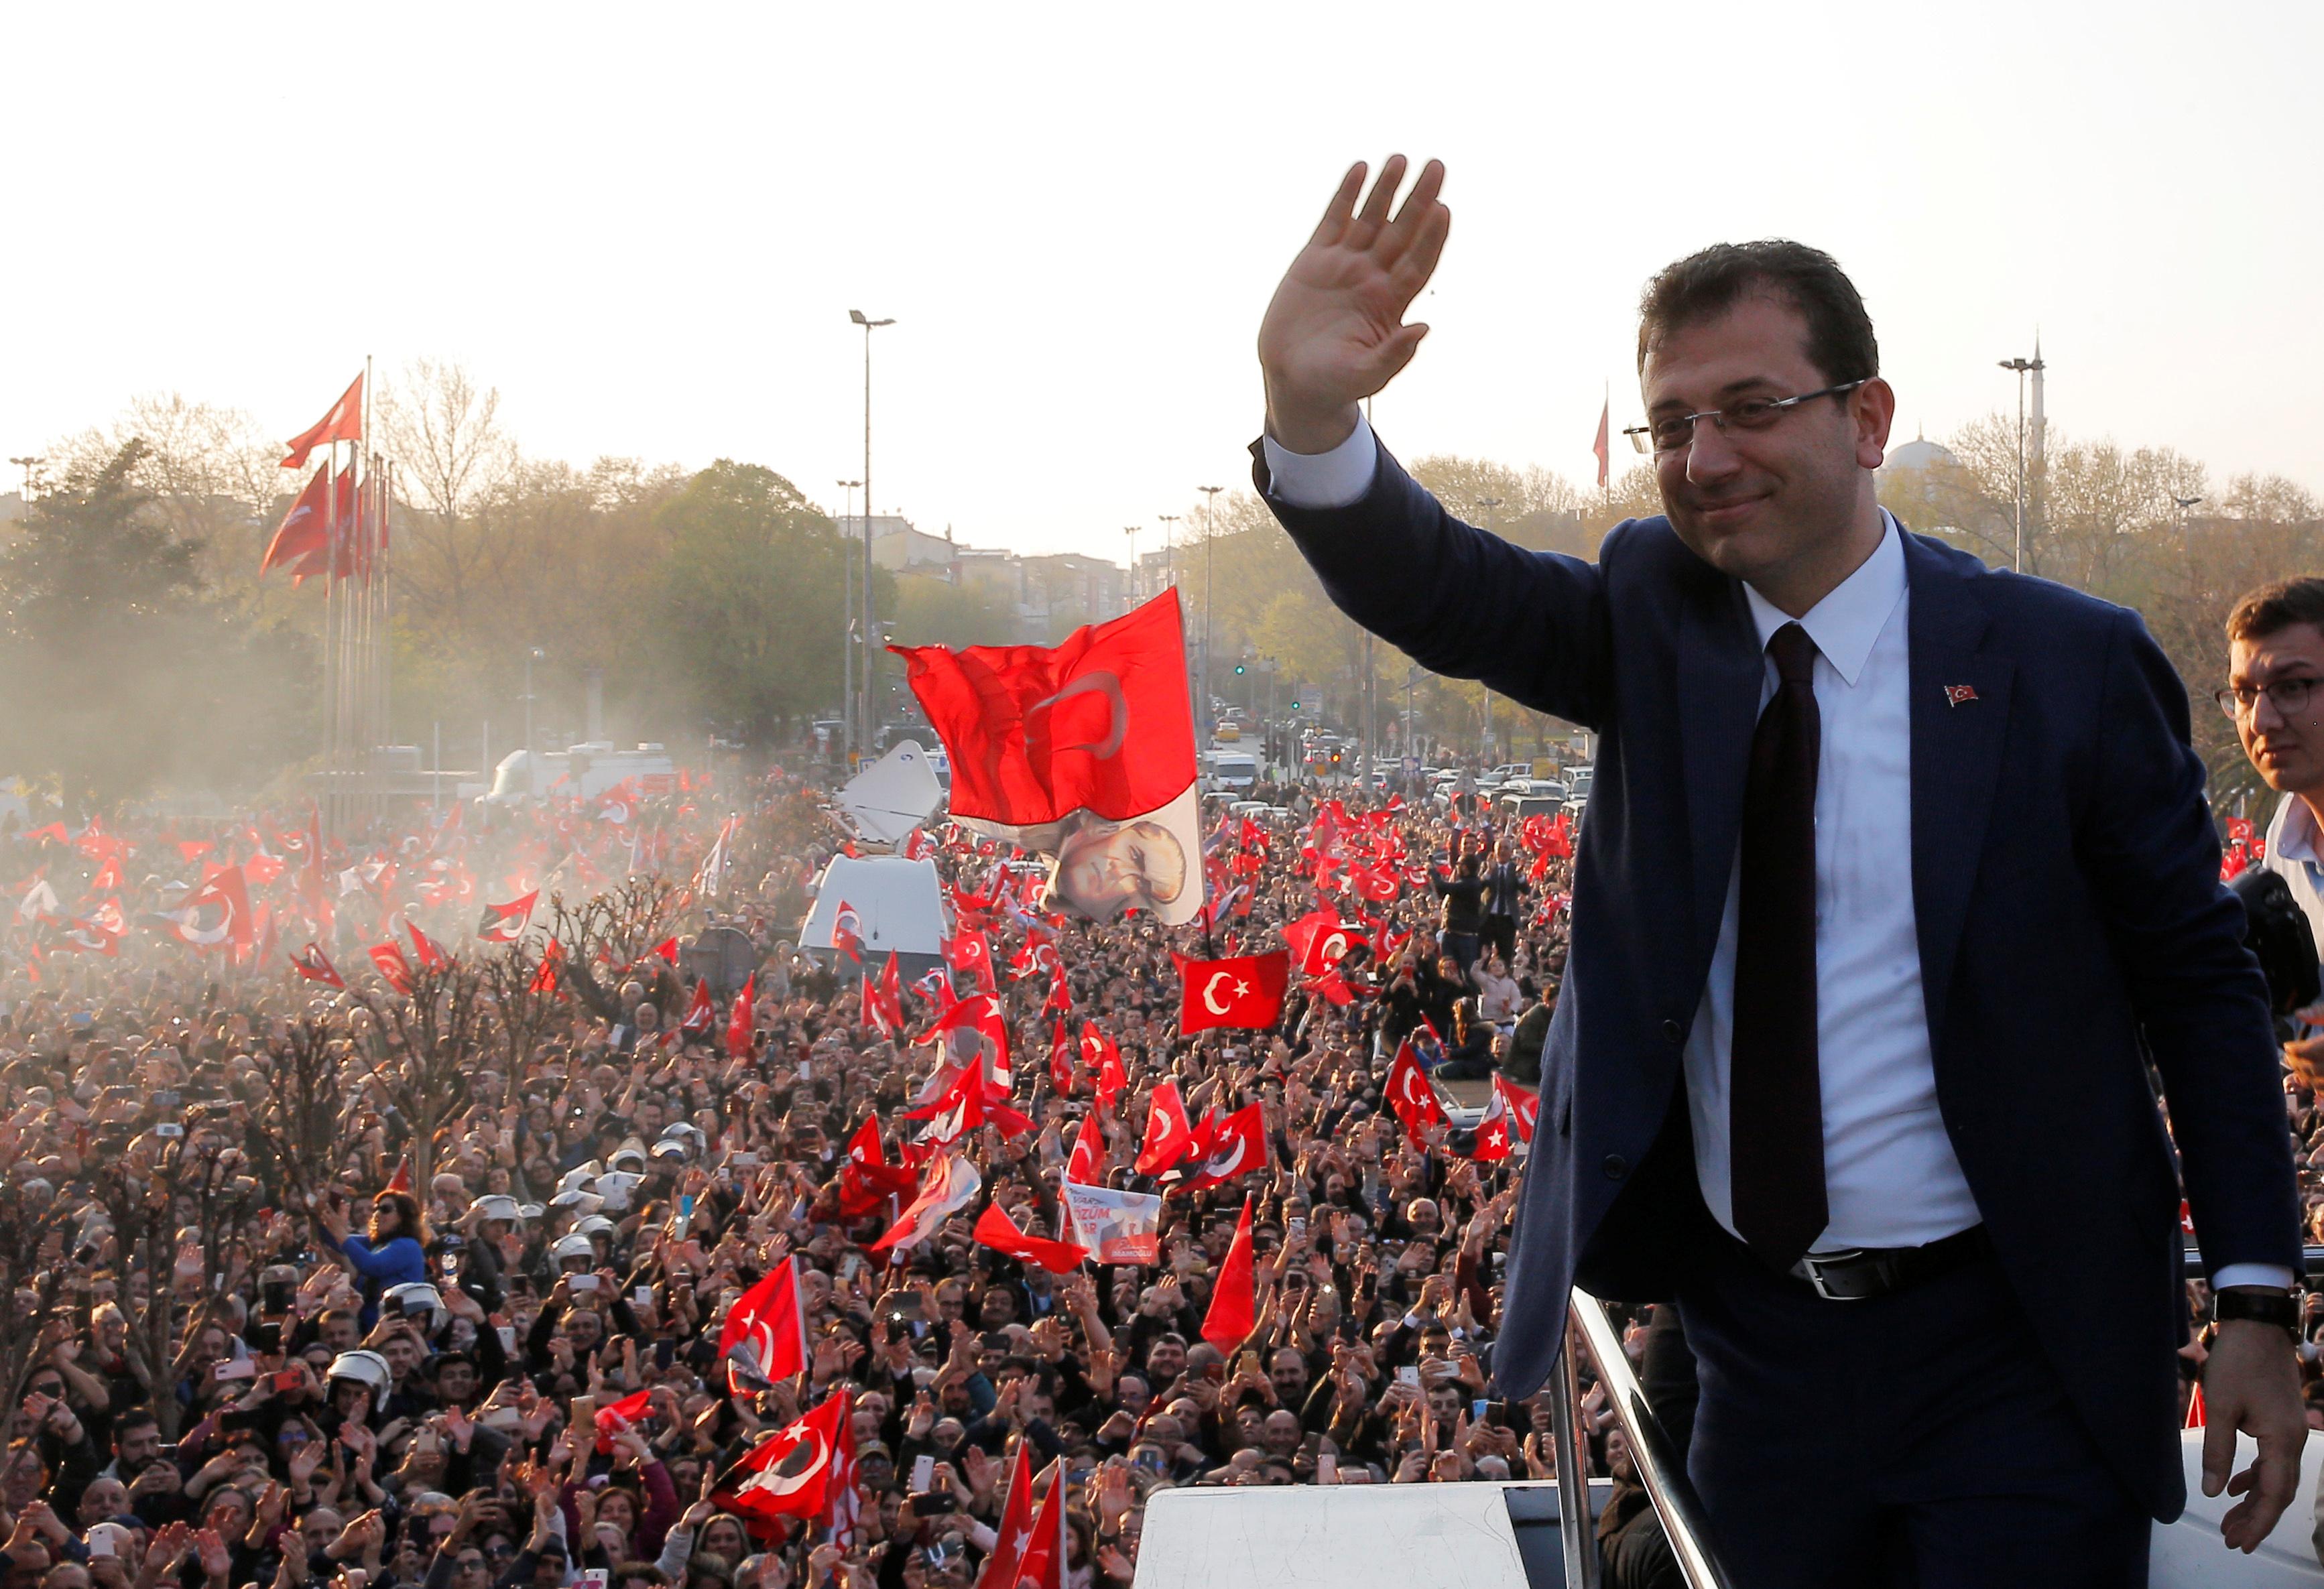 احتفالات اسطنبول بفوز مرشح المعارضة على حساب الحزب الحاكم (1)